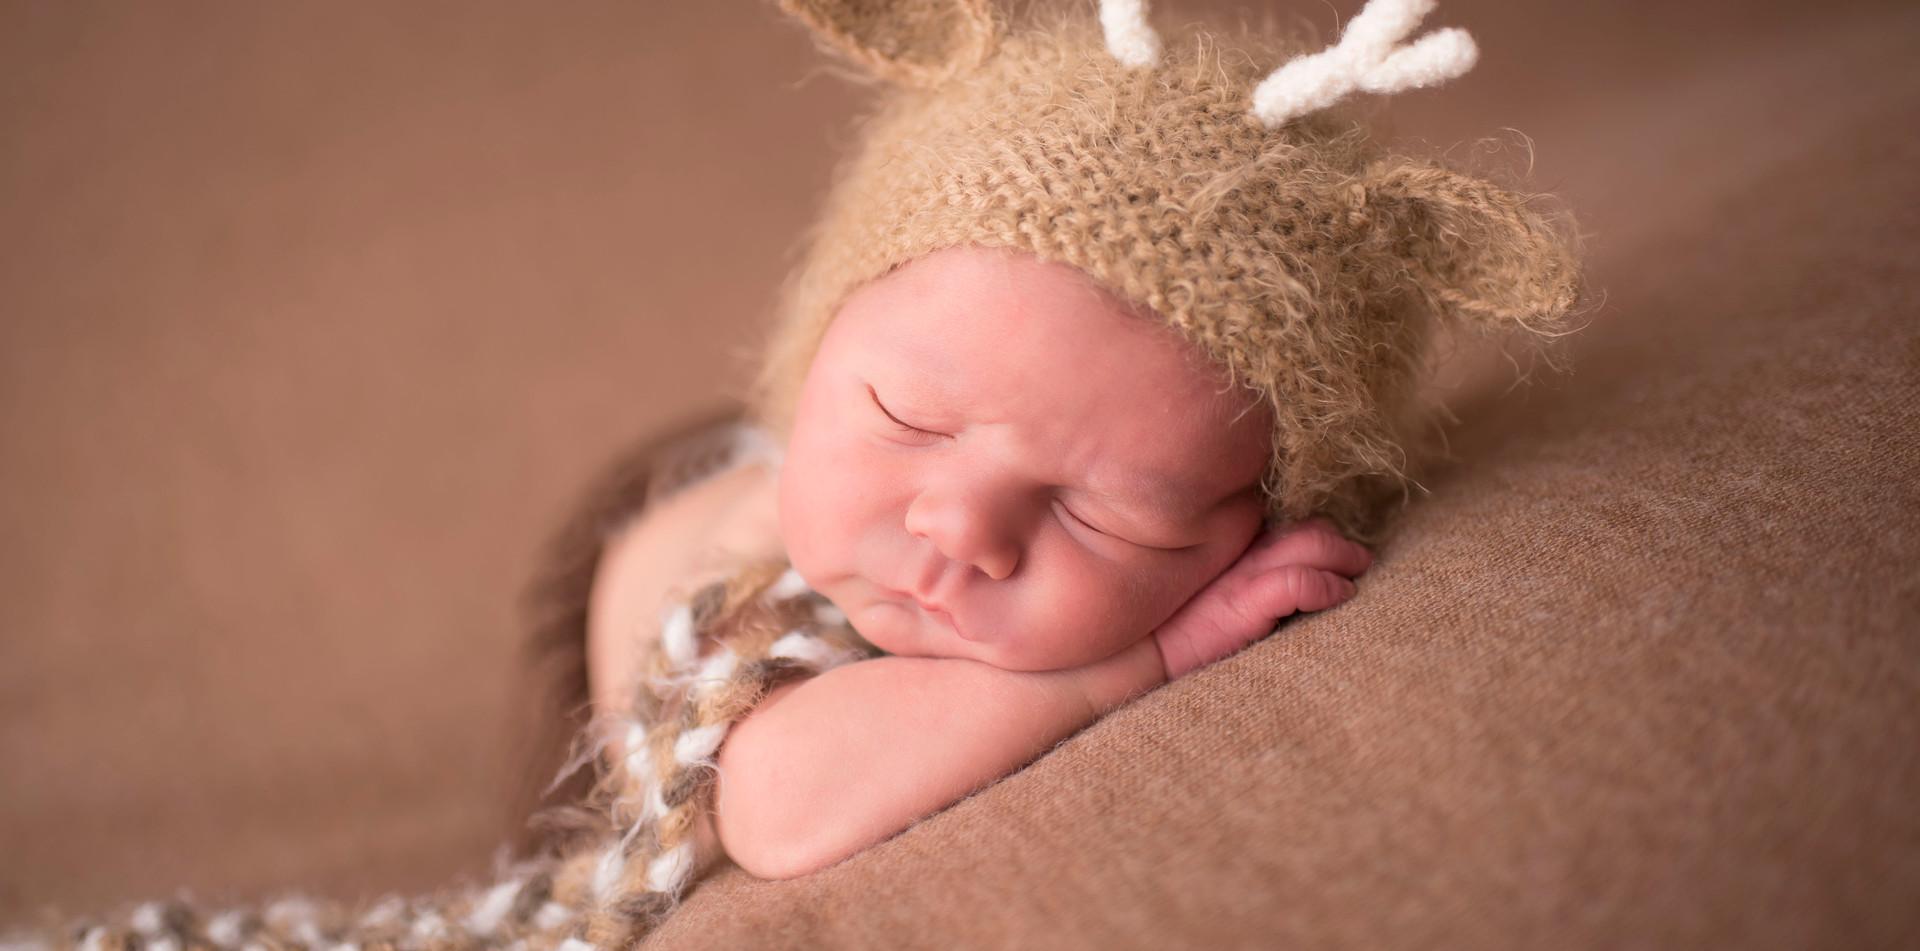 Baby deer newborn